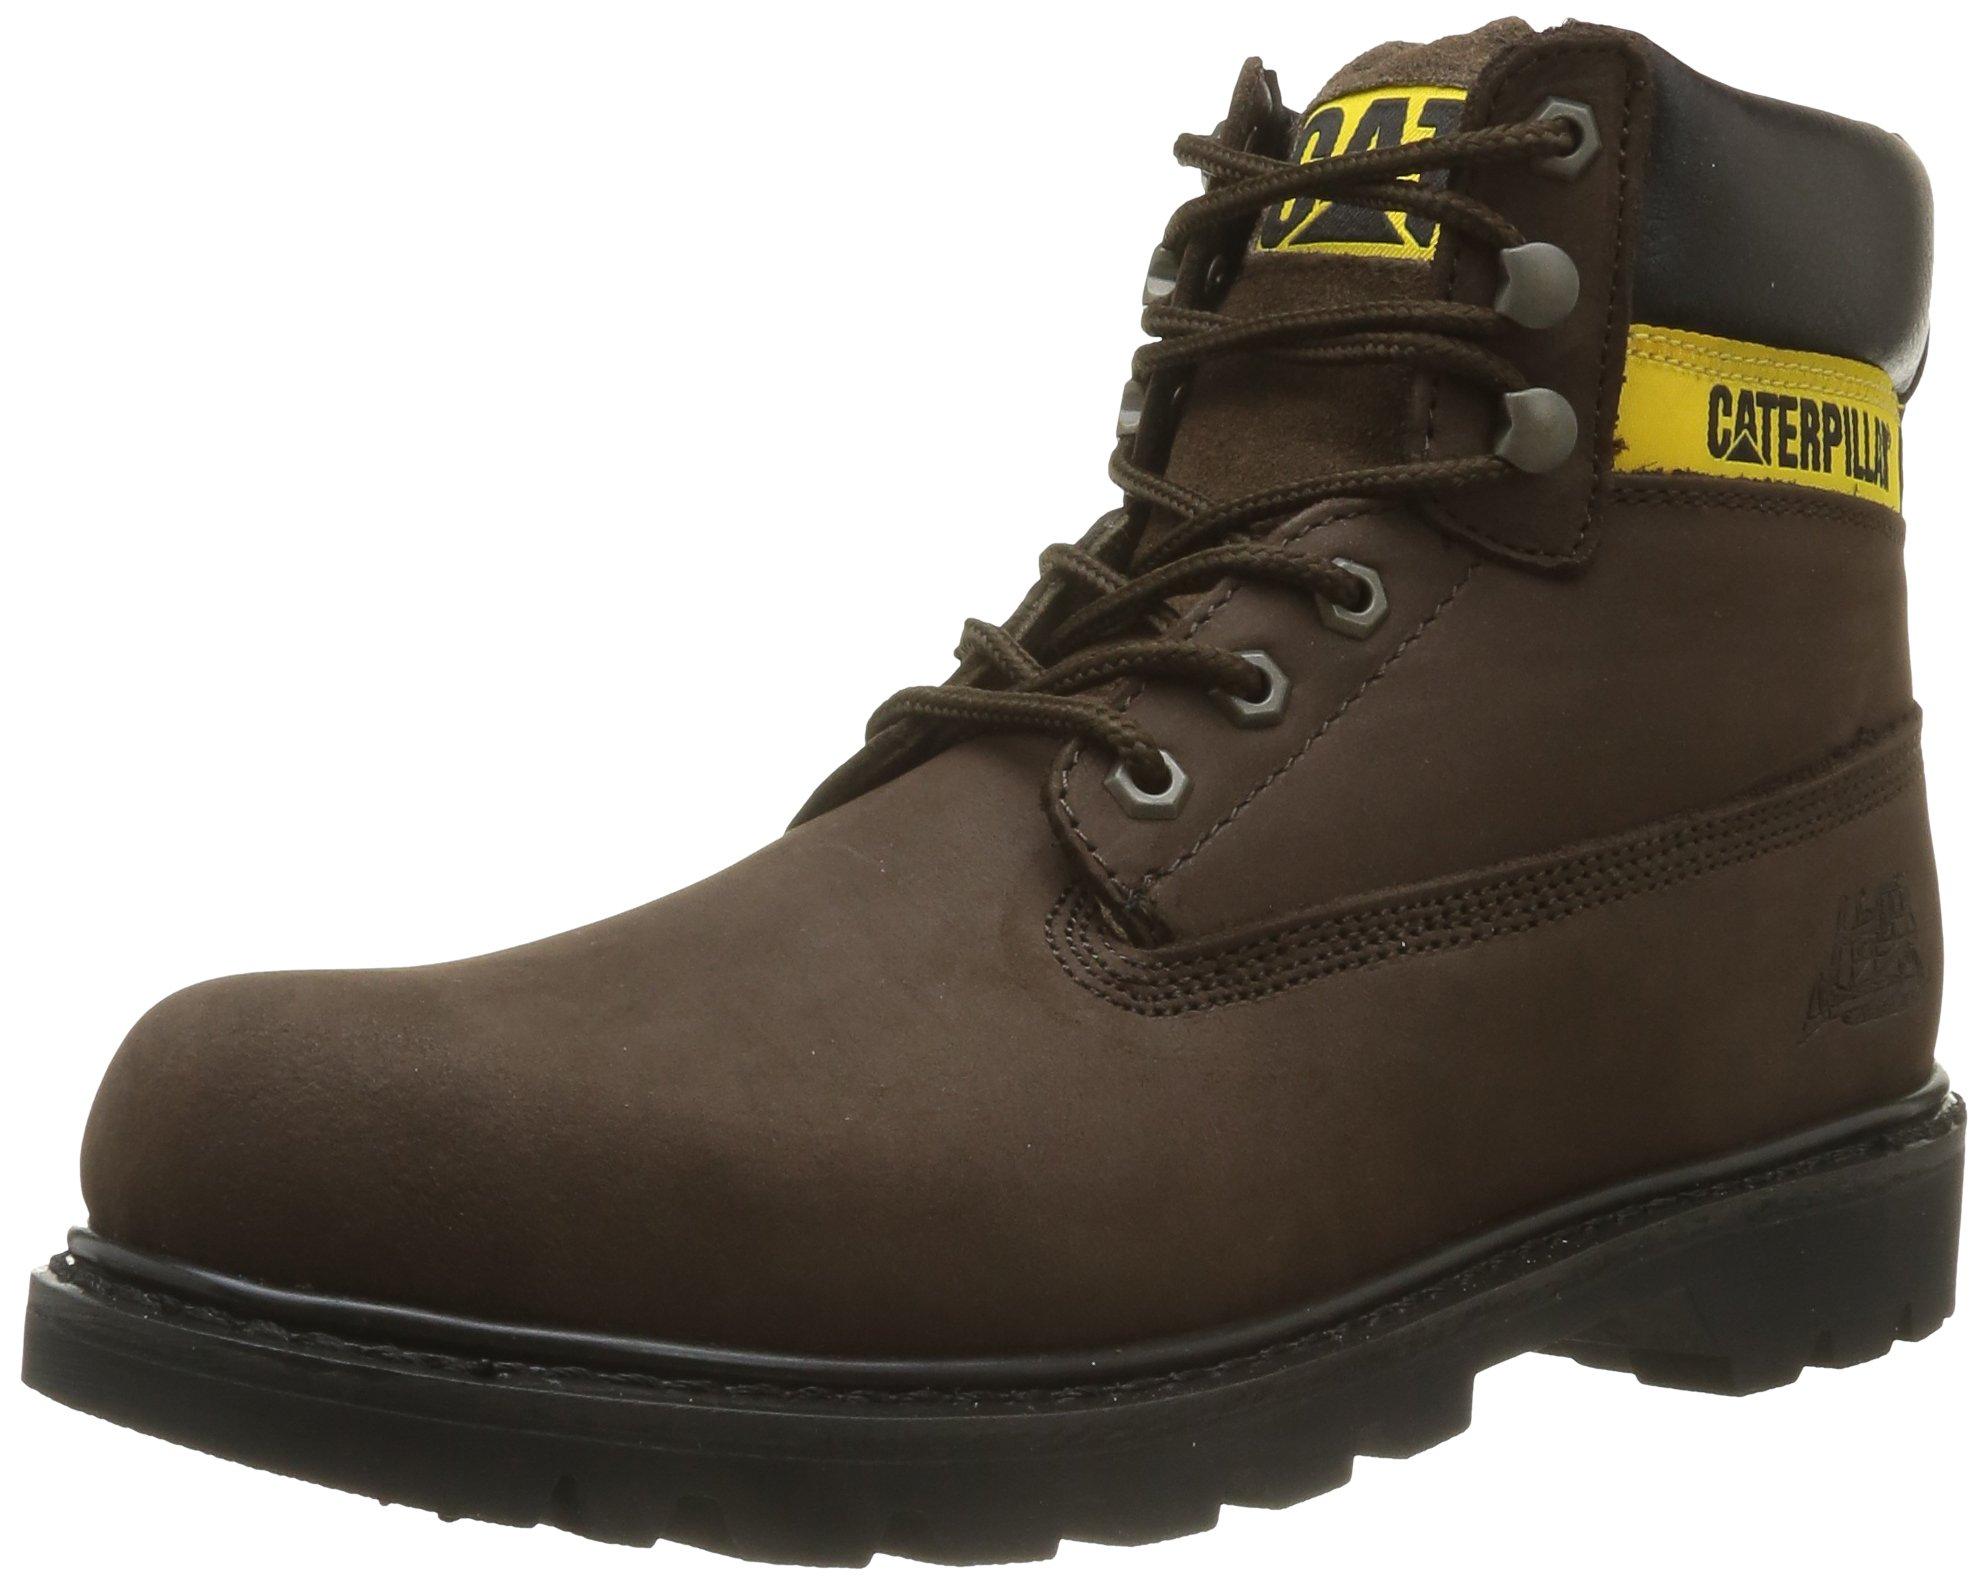 fda44331cae Top Bottes et boots homme selon les notes Amazon.fr